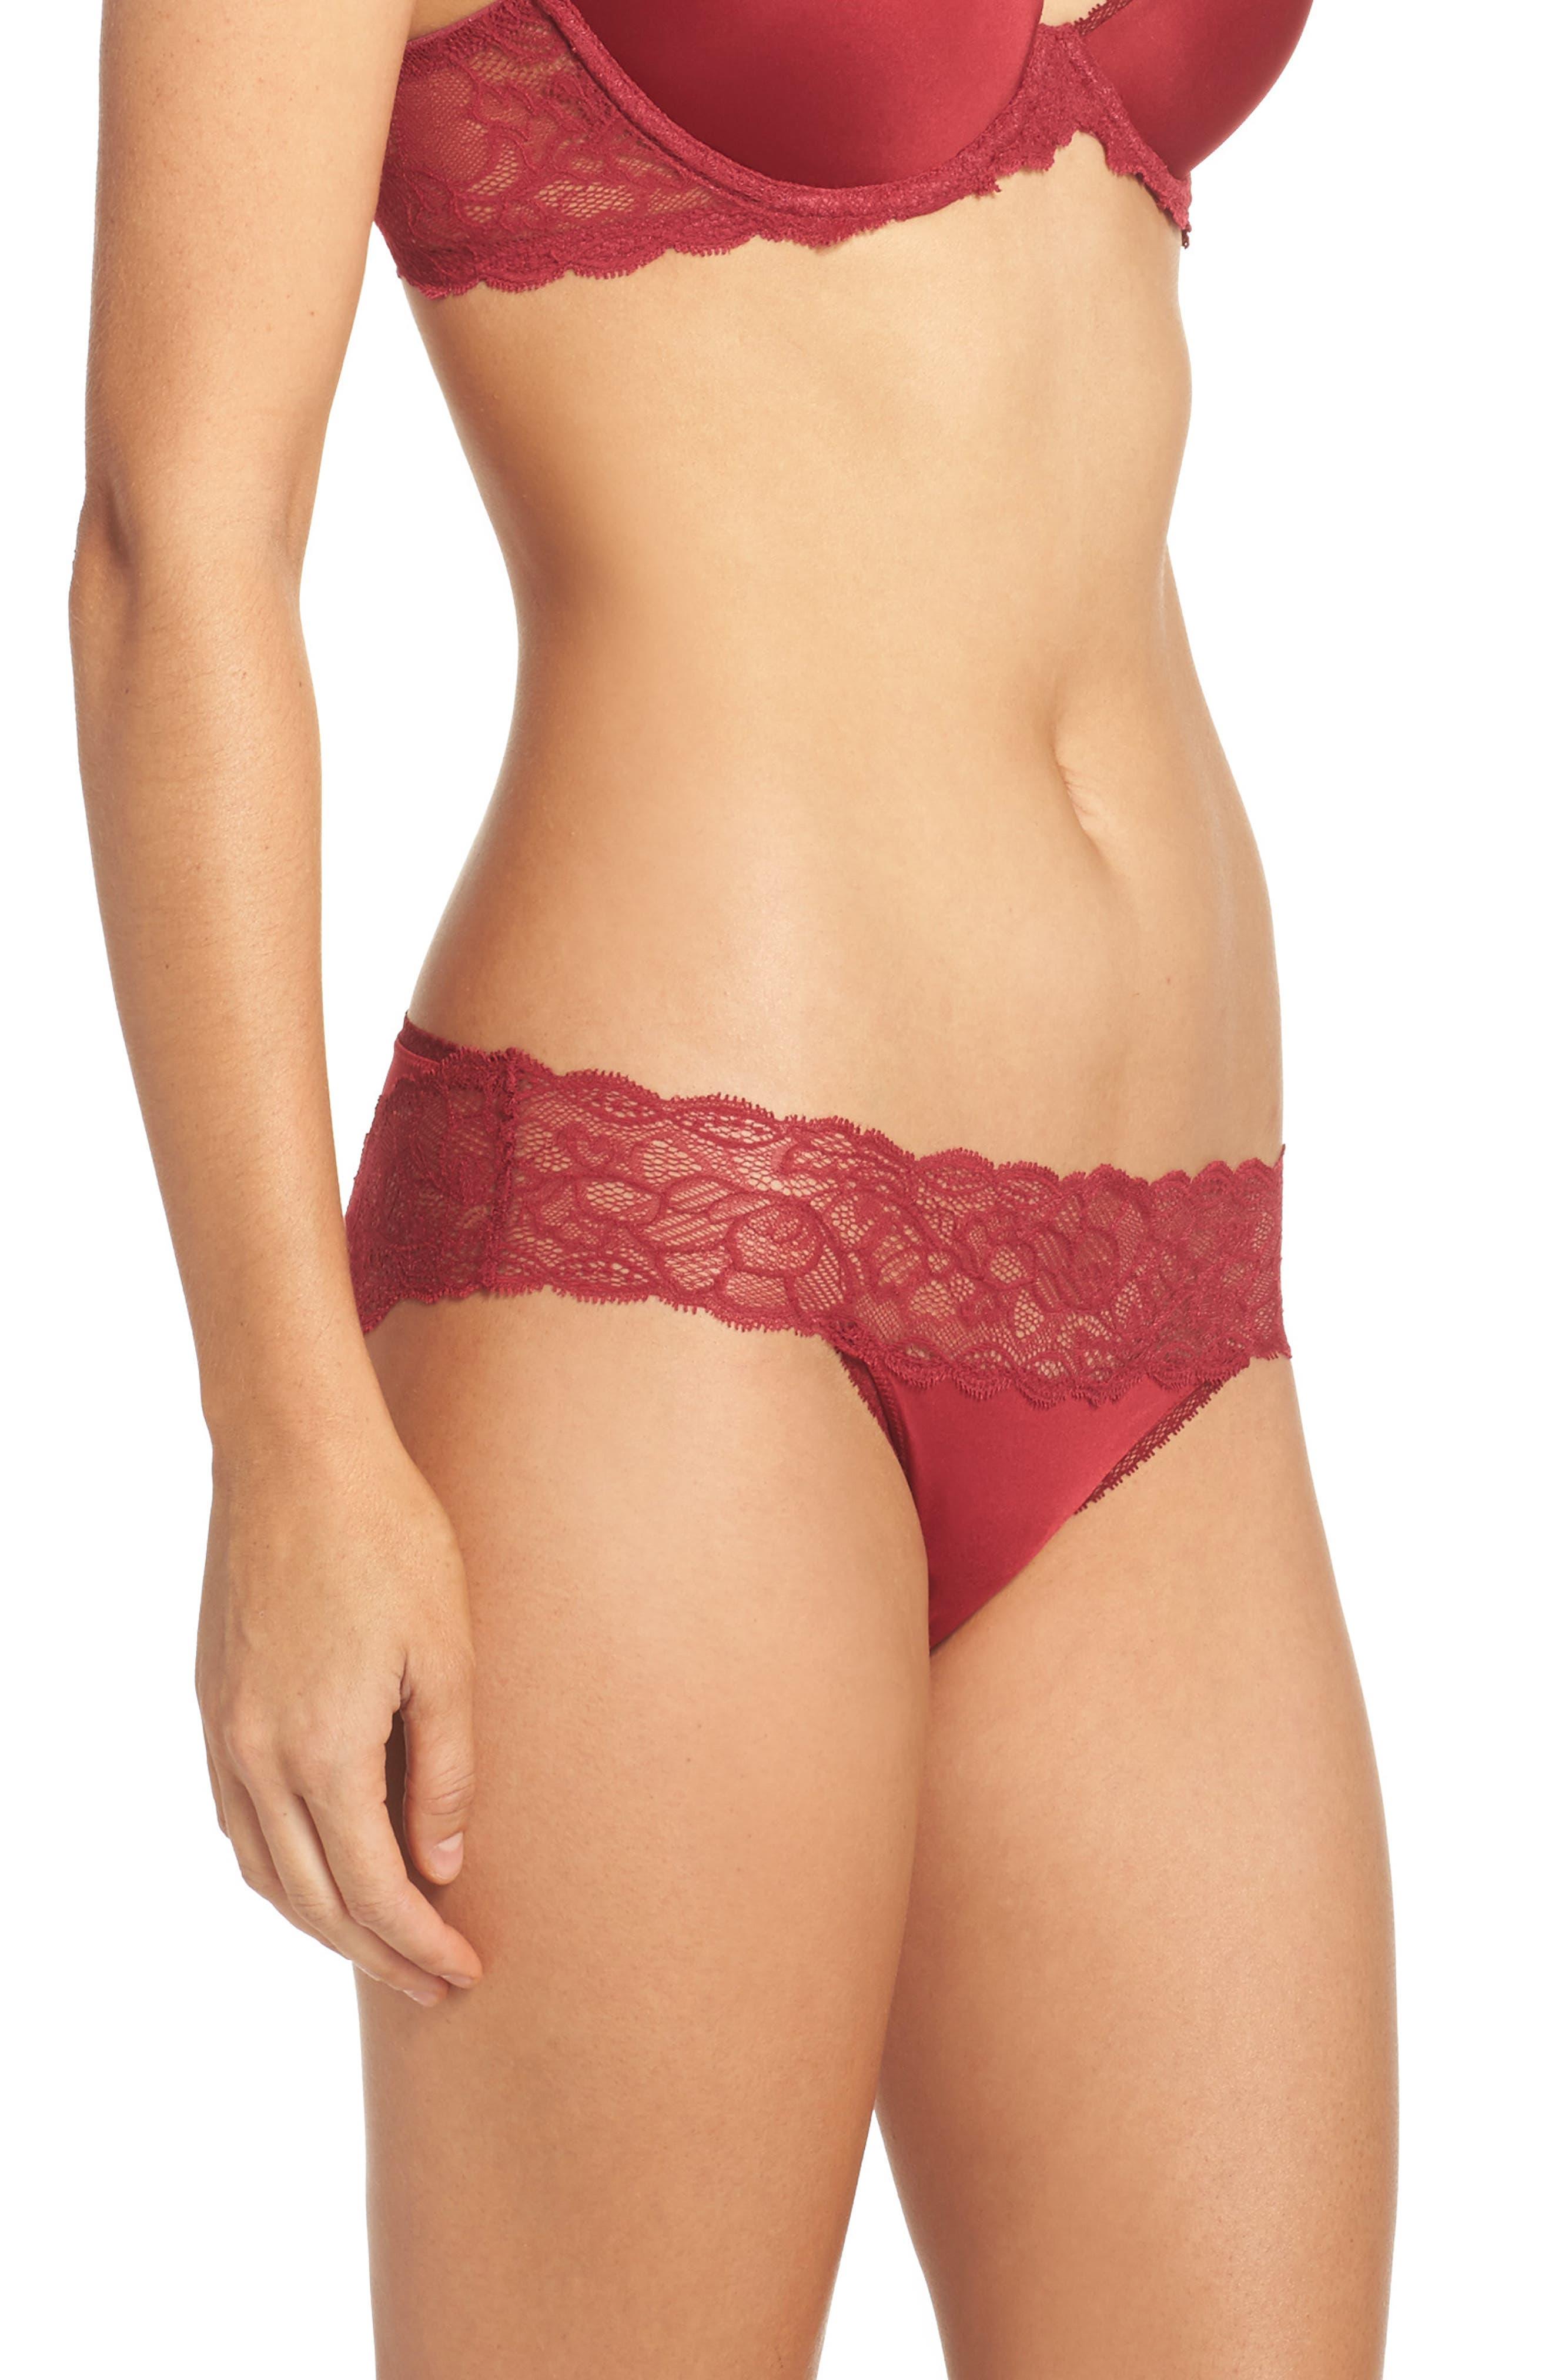 Seductive Comfort Lace Bikini,                             Alternate thumbnail 3, color,                             605